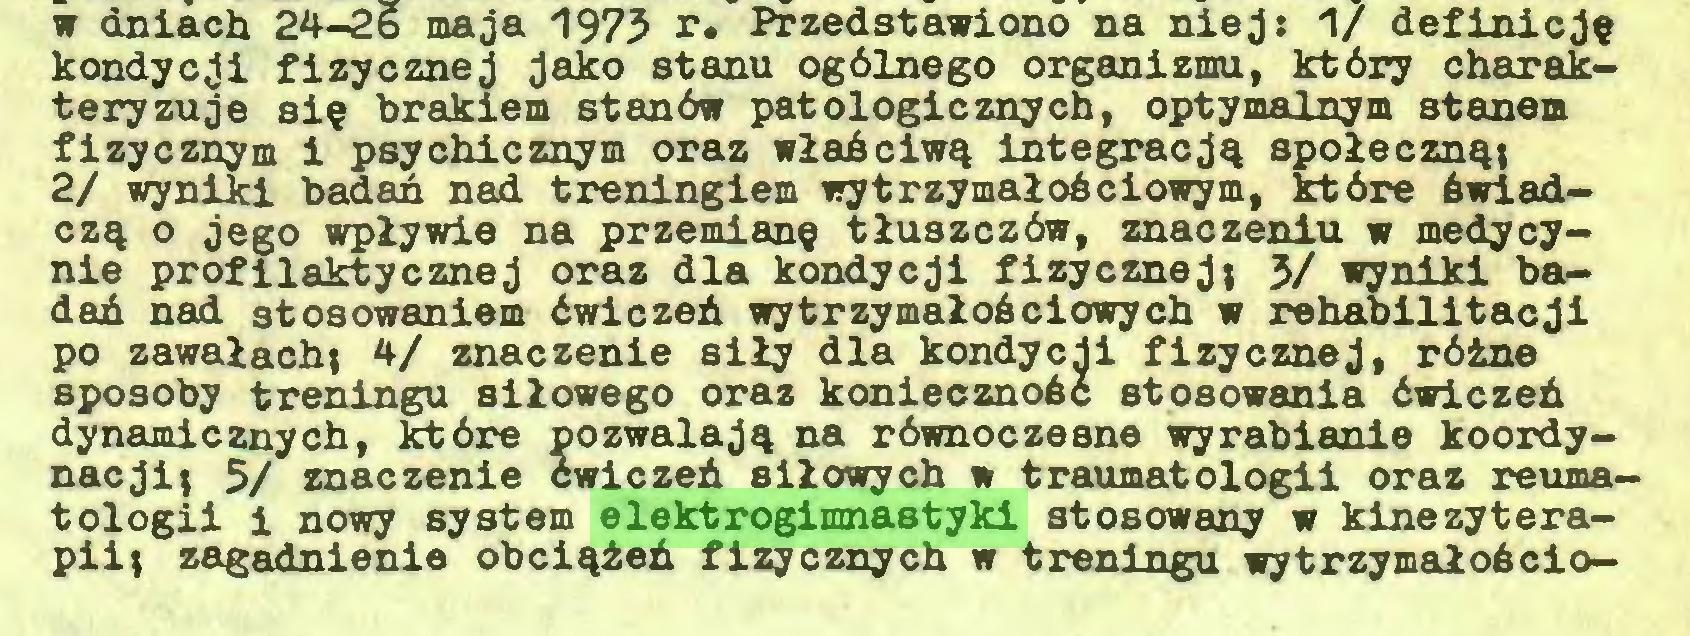 (...) w dniach 24-2b maja 1973 r. Przedstawiono na niej: 1/ definicję kondycji fizycznej jako stanu ogólnego organizmu, który charakteryzuje się brakiem stanów patologicznych, optymalnym stanem fizycznym i psychicznym oraz właściwą integracją społeczną; 2/ wyniki badań nad treningiem wytrzymałościowym, które świadczą o jego wpływie na przemianę tłuszczów, znaczeniu w medycynie profilaktycznej oraz dla kondycji fizycznej; 3/ wyniki badań nad stosowaniem ćwiczeń wytrzymałościowych w rehabilitacji po zawałach; 4/ znaczenie siły dla kondycji fizycznej, różne sposoby treningu siłowego oraz konieczność stosowania ćwiczeń dynamicznych, które pozwalają na równoczesne wyrabianie koordynacji; 5/ znaczenie cwiczeń siłowych w traumatologii oraz reumatologii i nowy system elektrogimnastyki stosowany w kinezyterapii; zagadnienie obciążeń fizycznych w treningu wytrzymałościo...